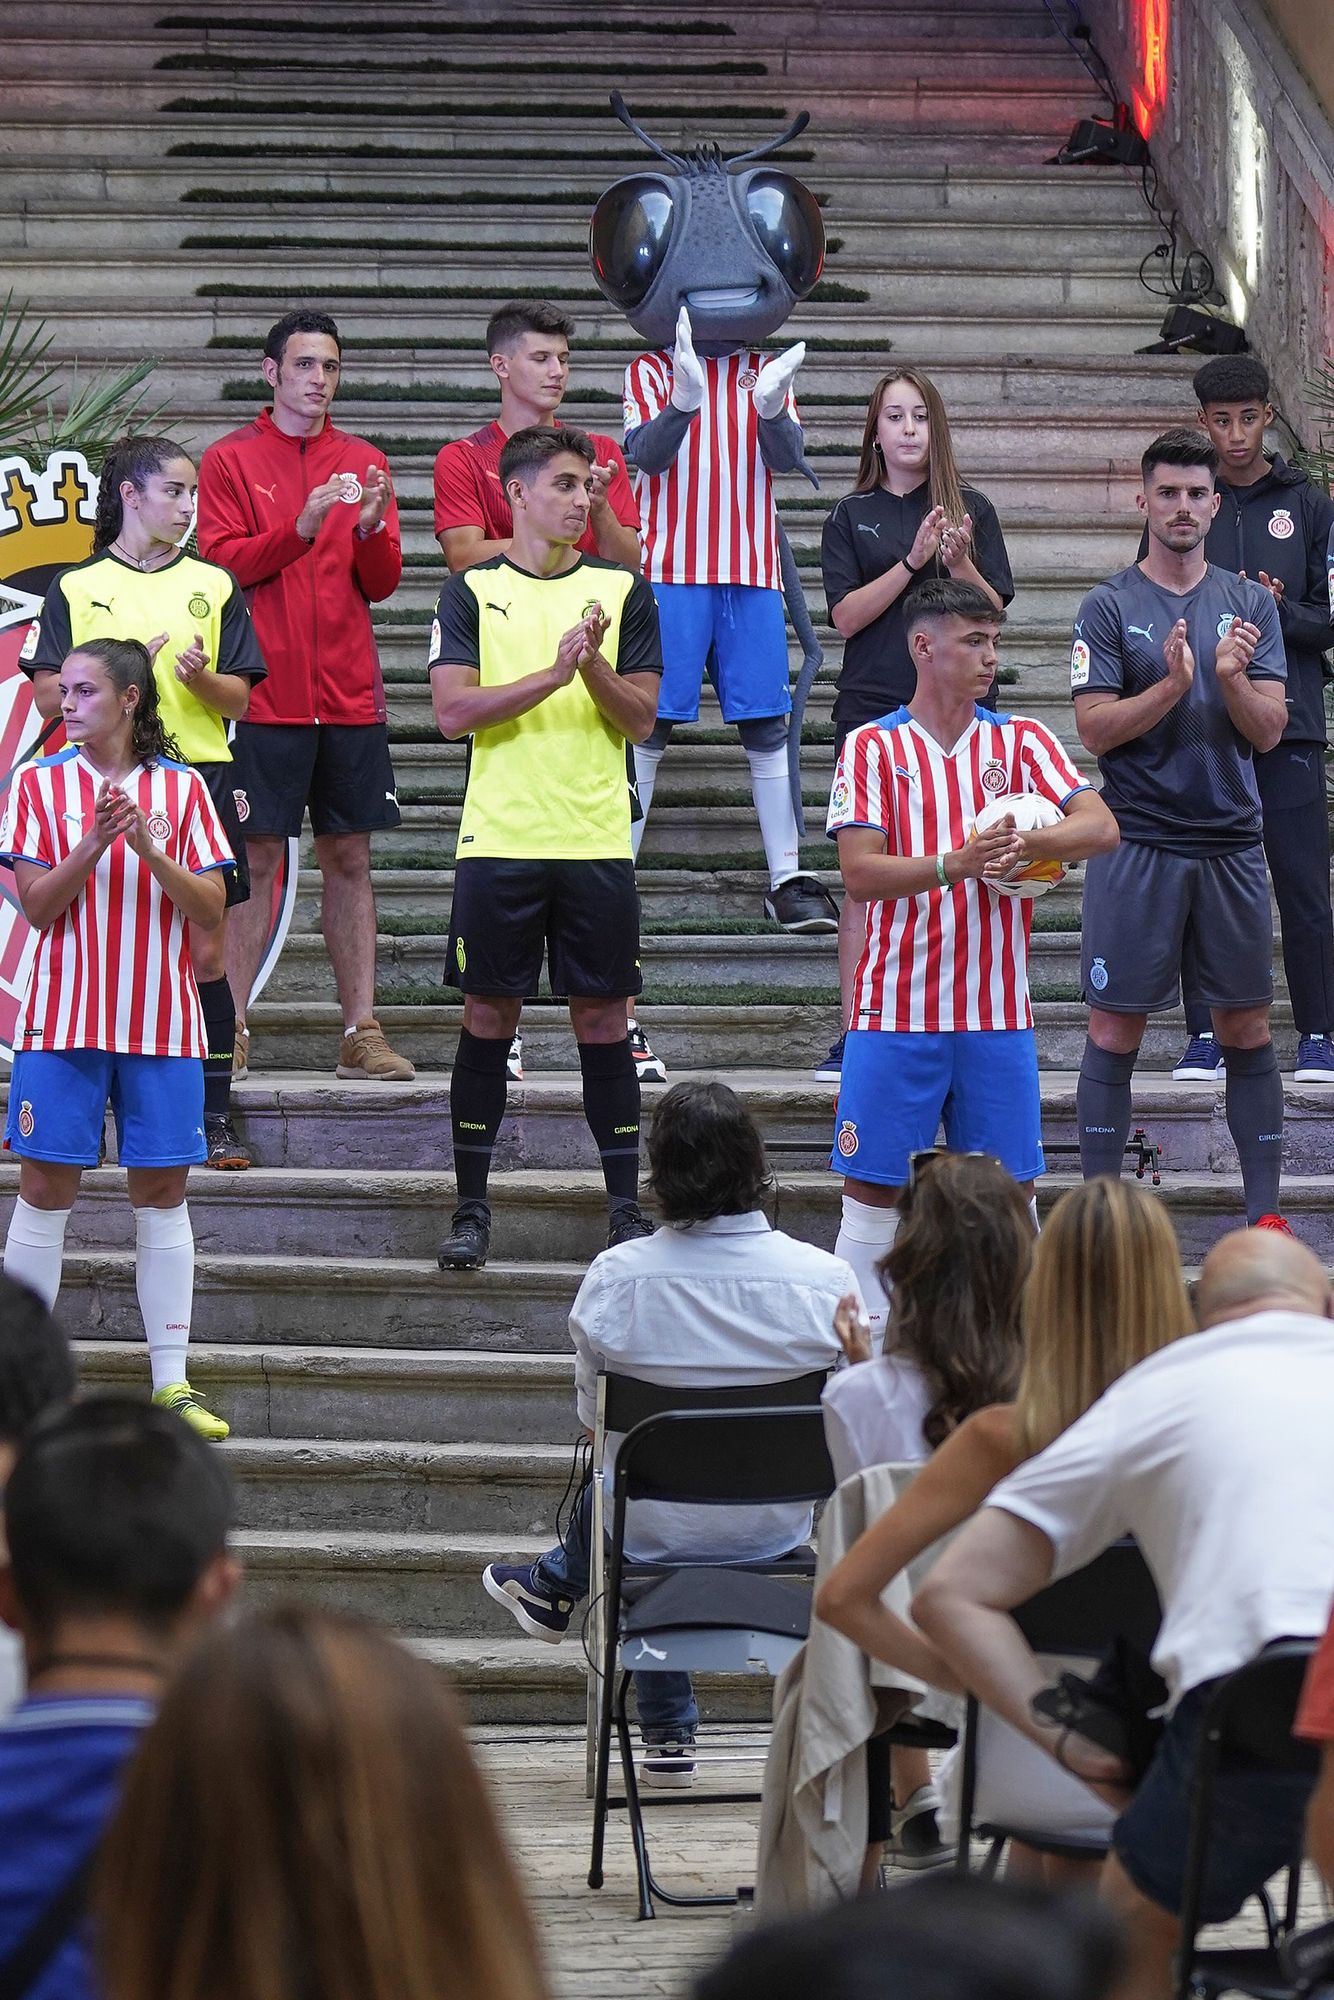 El Girona presenta les equipacions per la temporada 2021-22